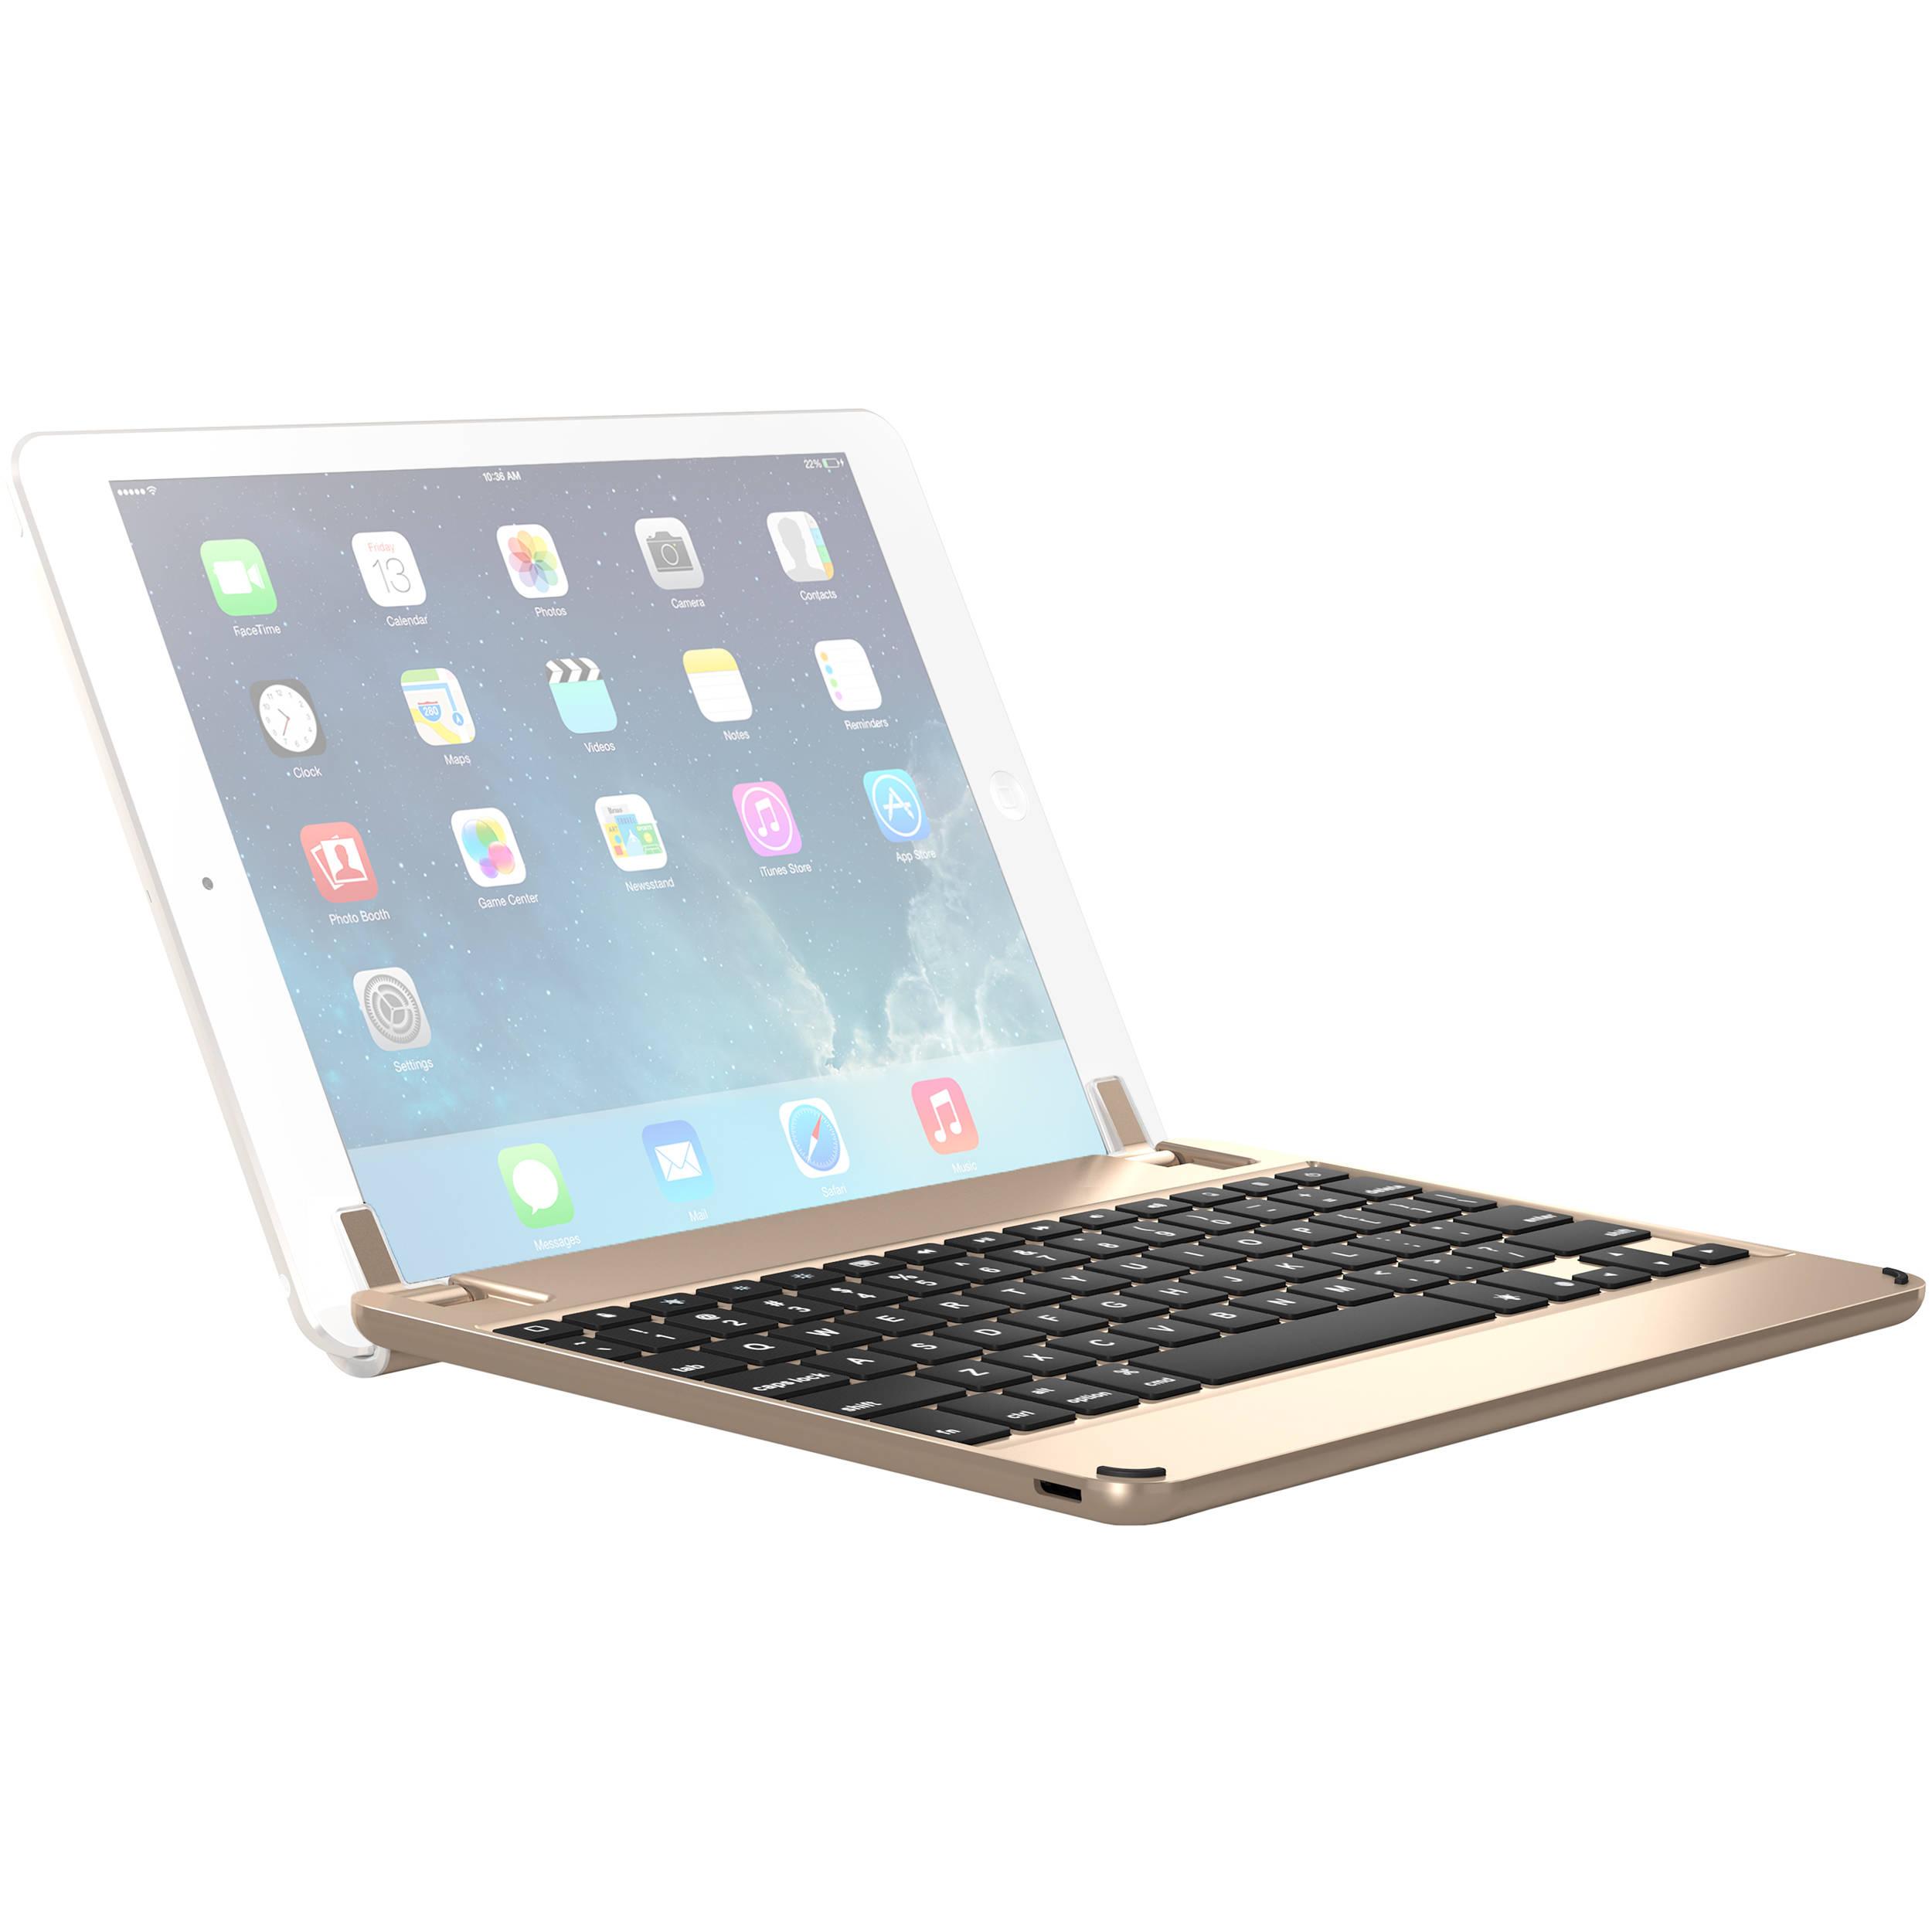 Brydge 9 7 Bluetooth Keyboard For Ipad Air 1 2 Pro Bry1013 B H